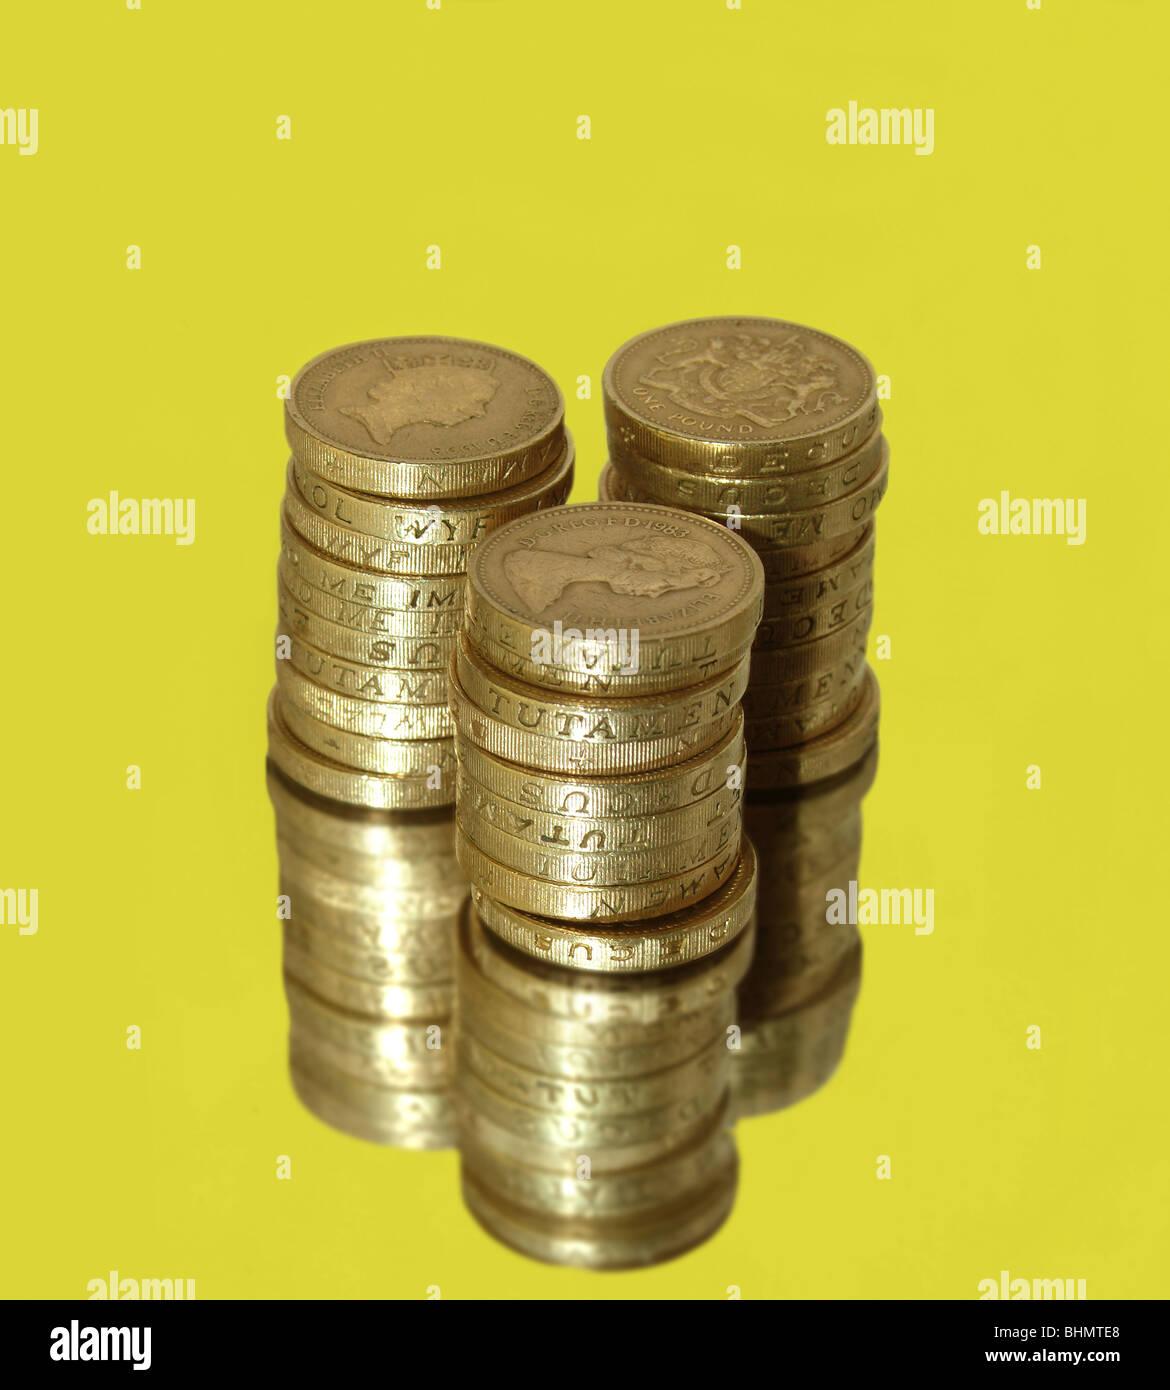 Ein Stapel Von Englischen Ein Pfund Münzen Auf Gelbem Hintergrund